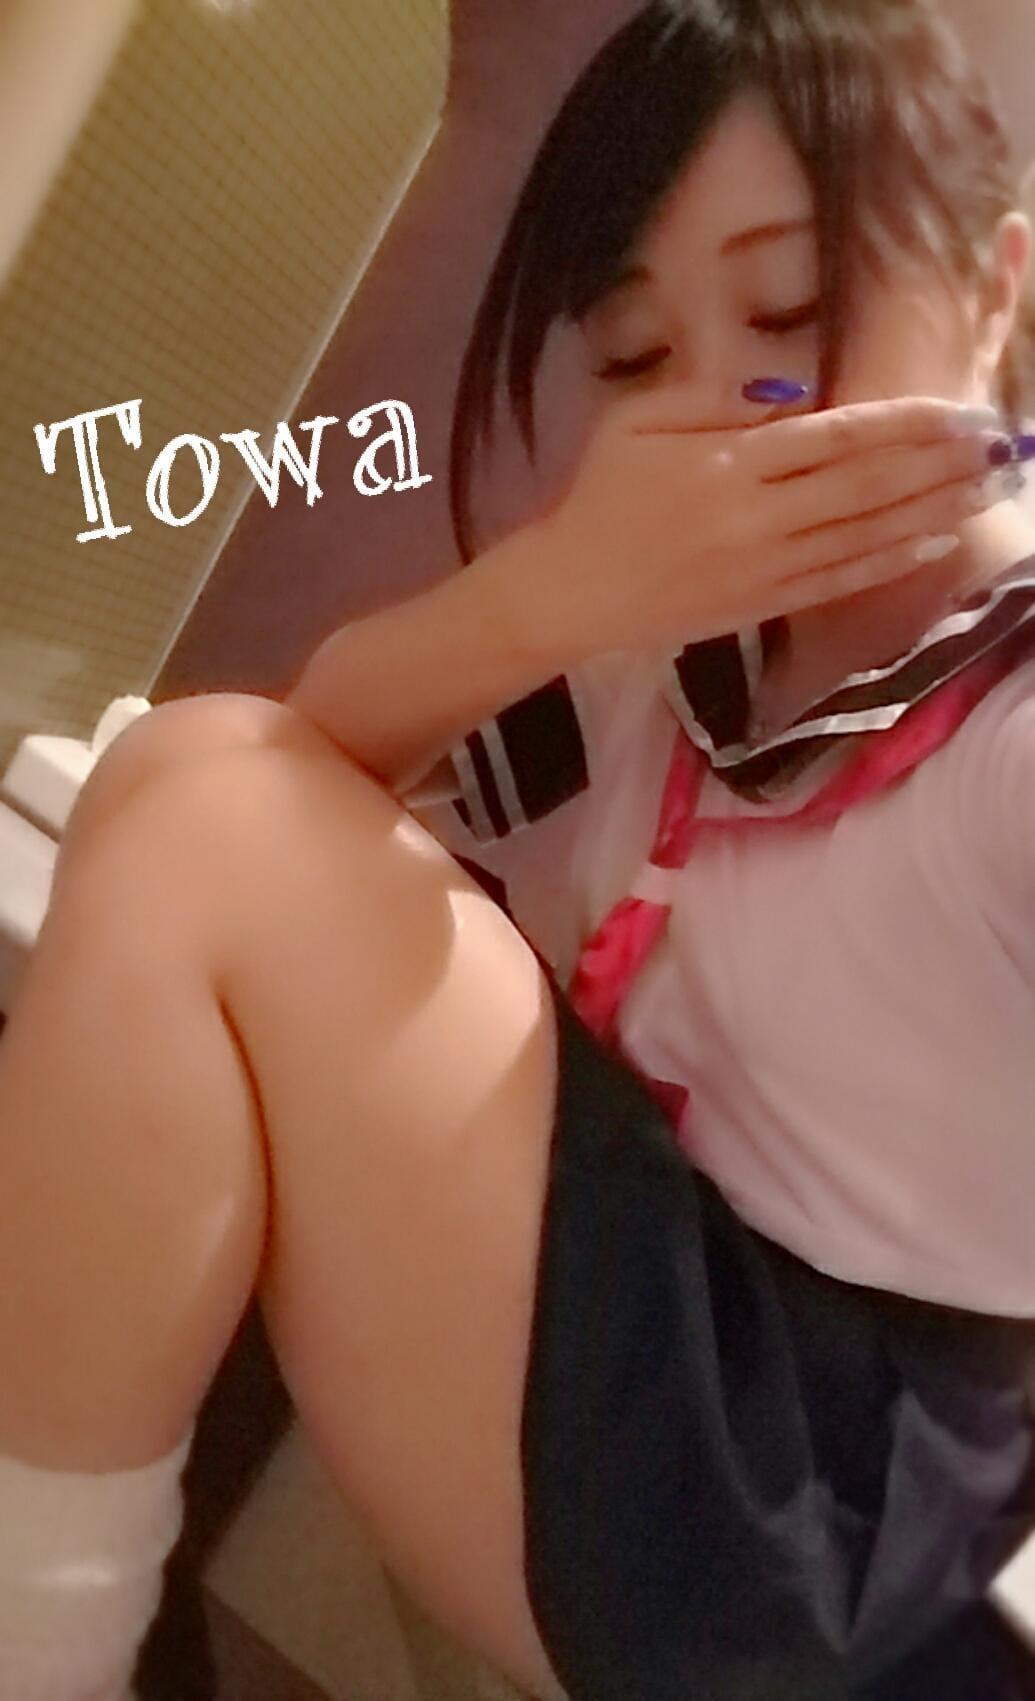 「ご予約」10/17(10/17) 01:01 | トワの写メ・風俗動画